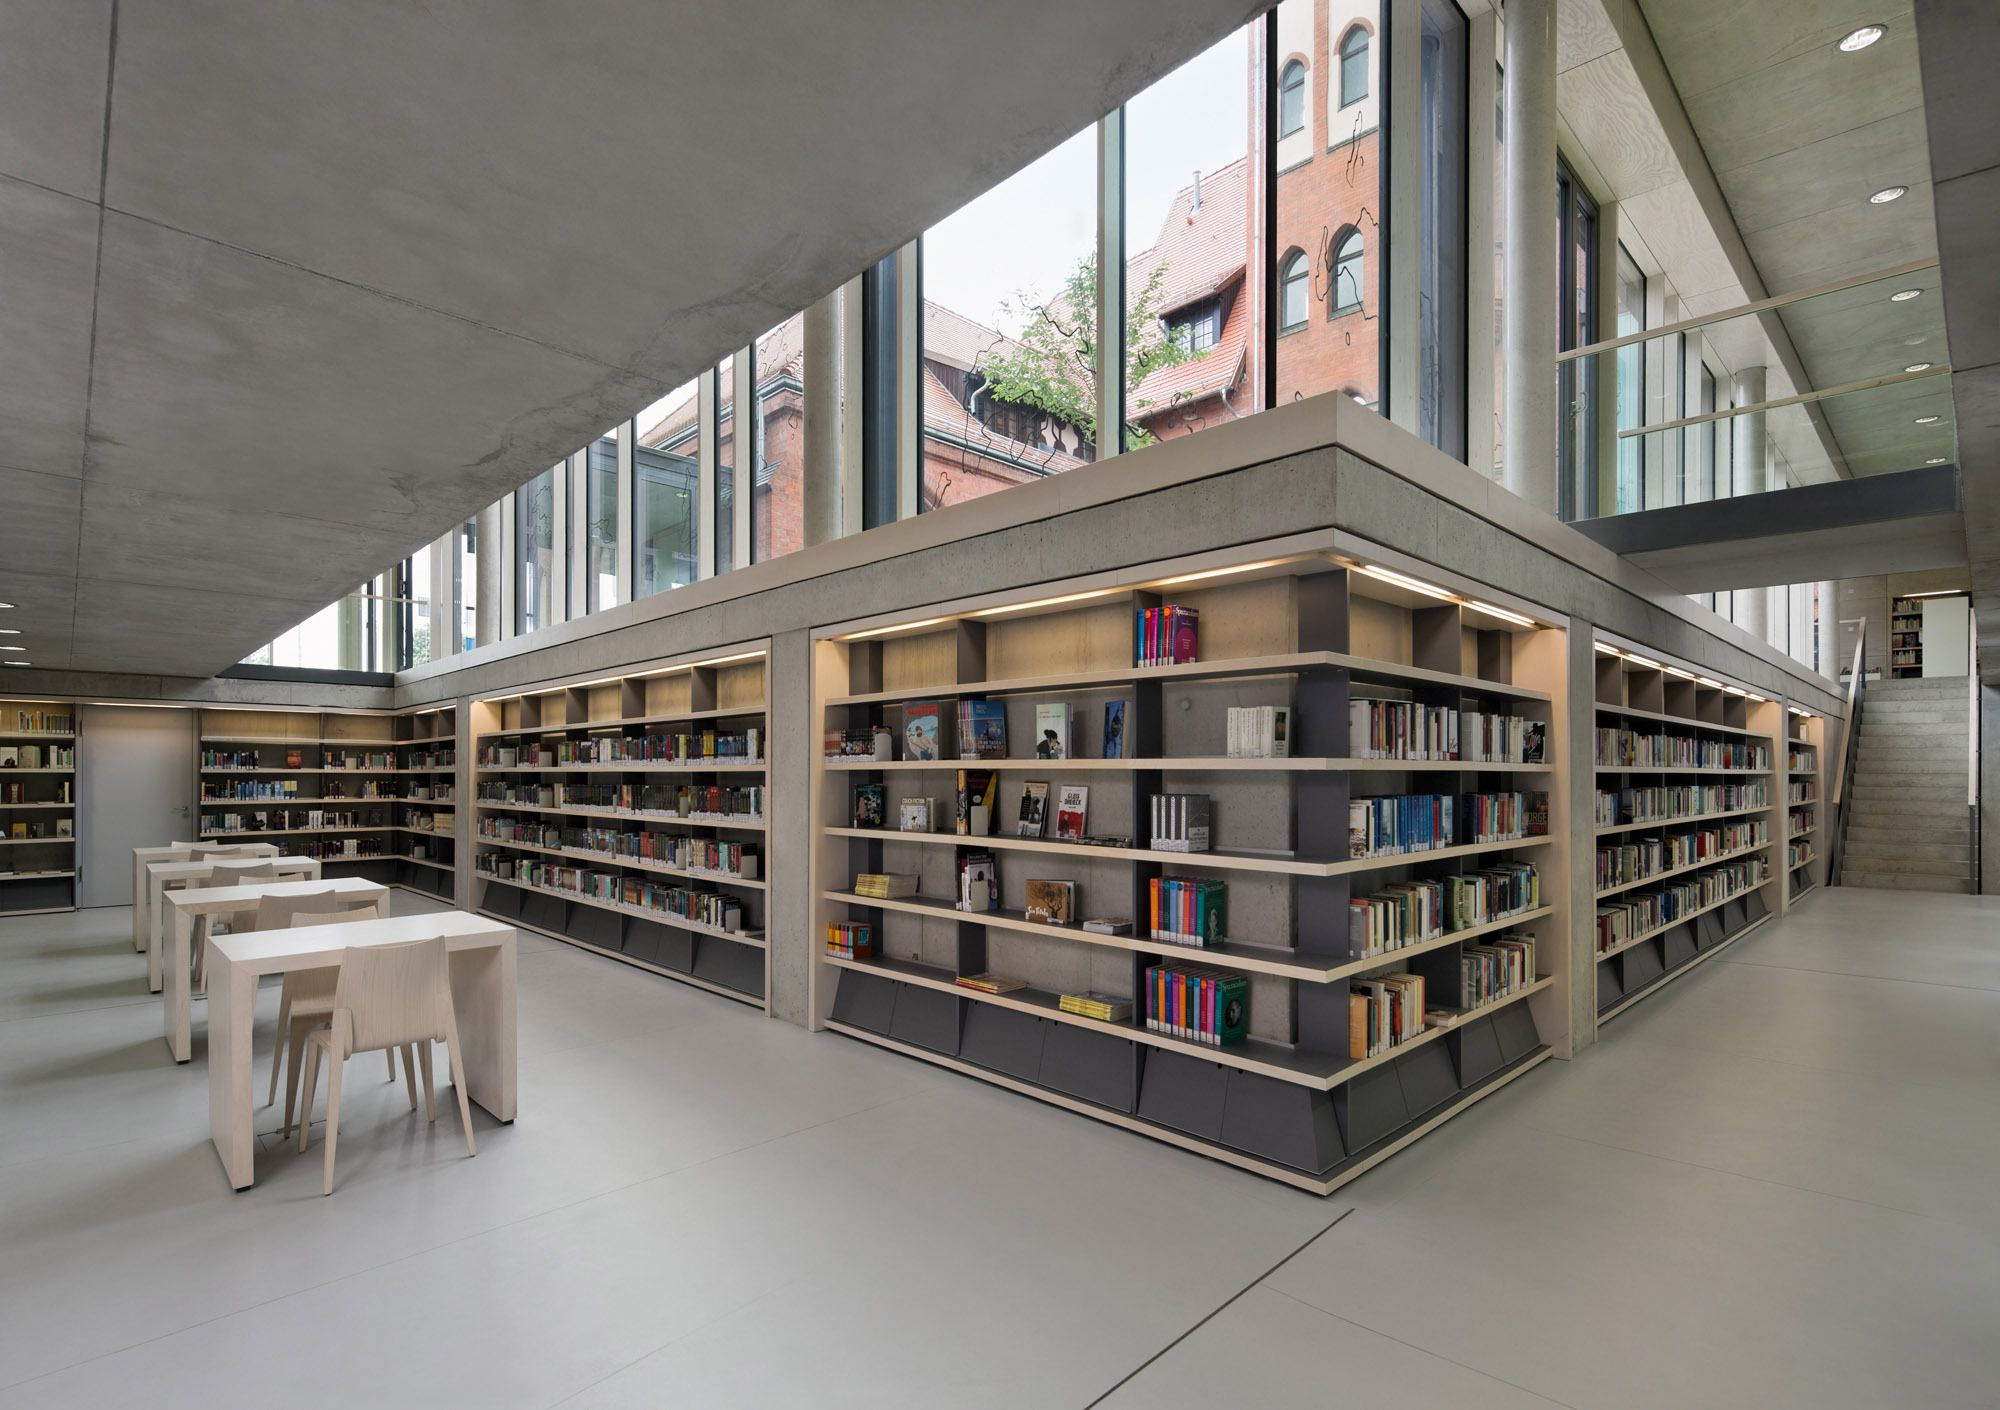 Bücherregale Berlin geschwärzt bibliothek chestnutt niess architekten in berlin